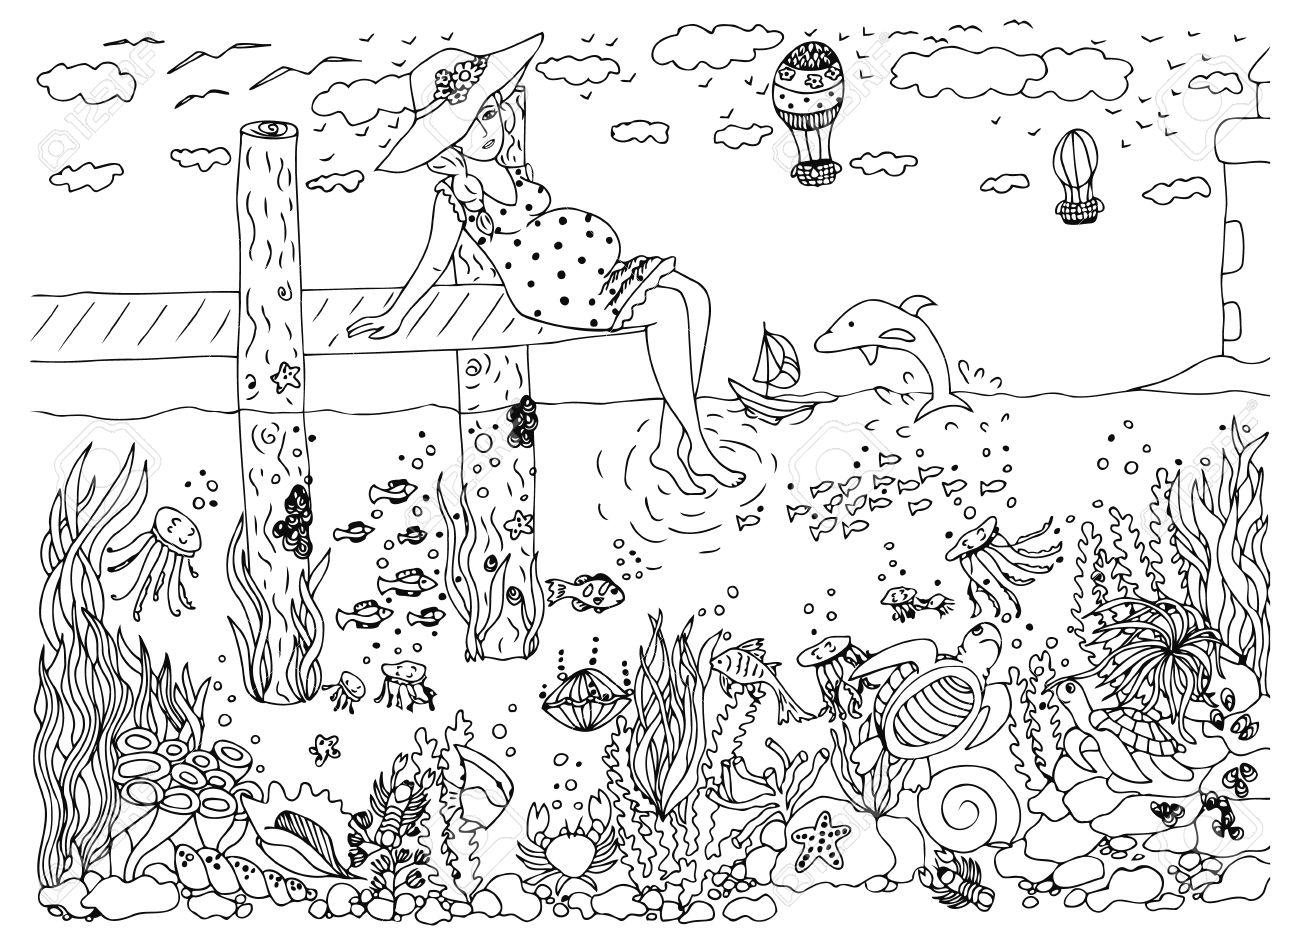 Illustration Femme Enceinte Et La Mer Dessin Doodle Monde Sous Marin Jetée Phare Vacances Dauphin Coloriage Livre Anti Stress Pour Les Adultes